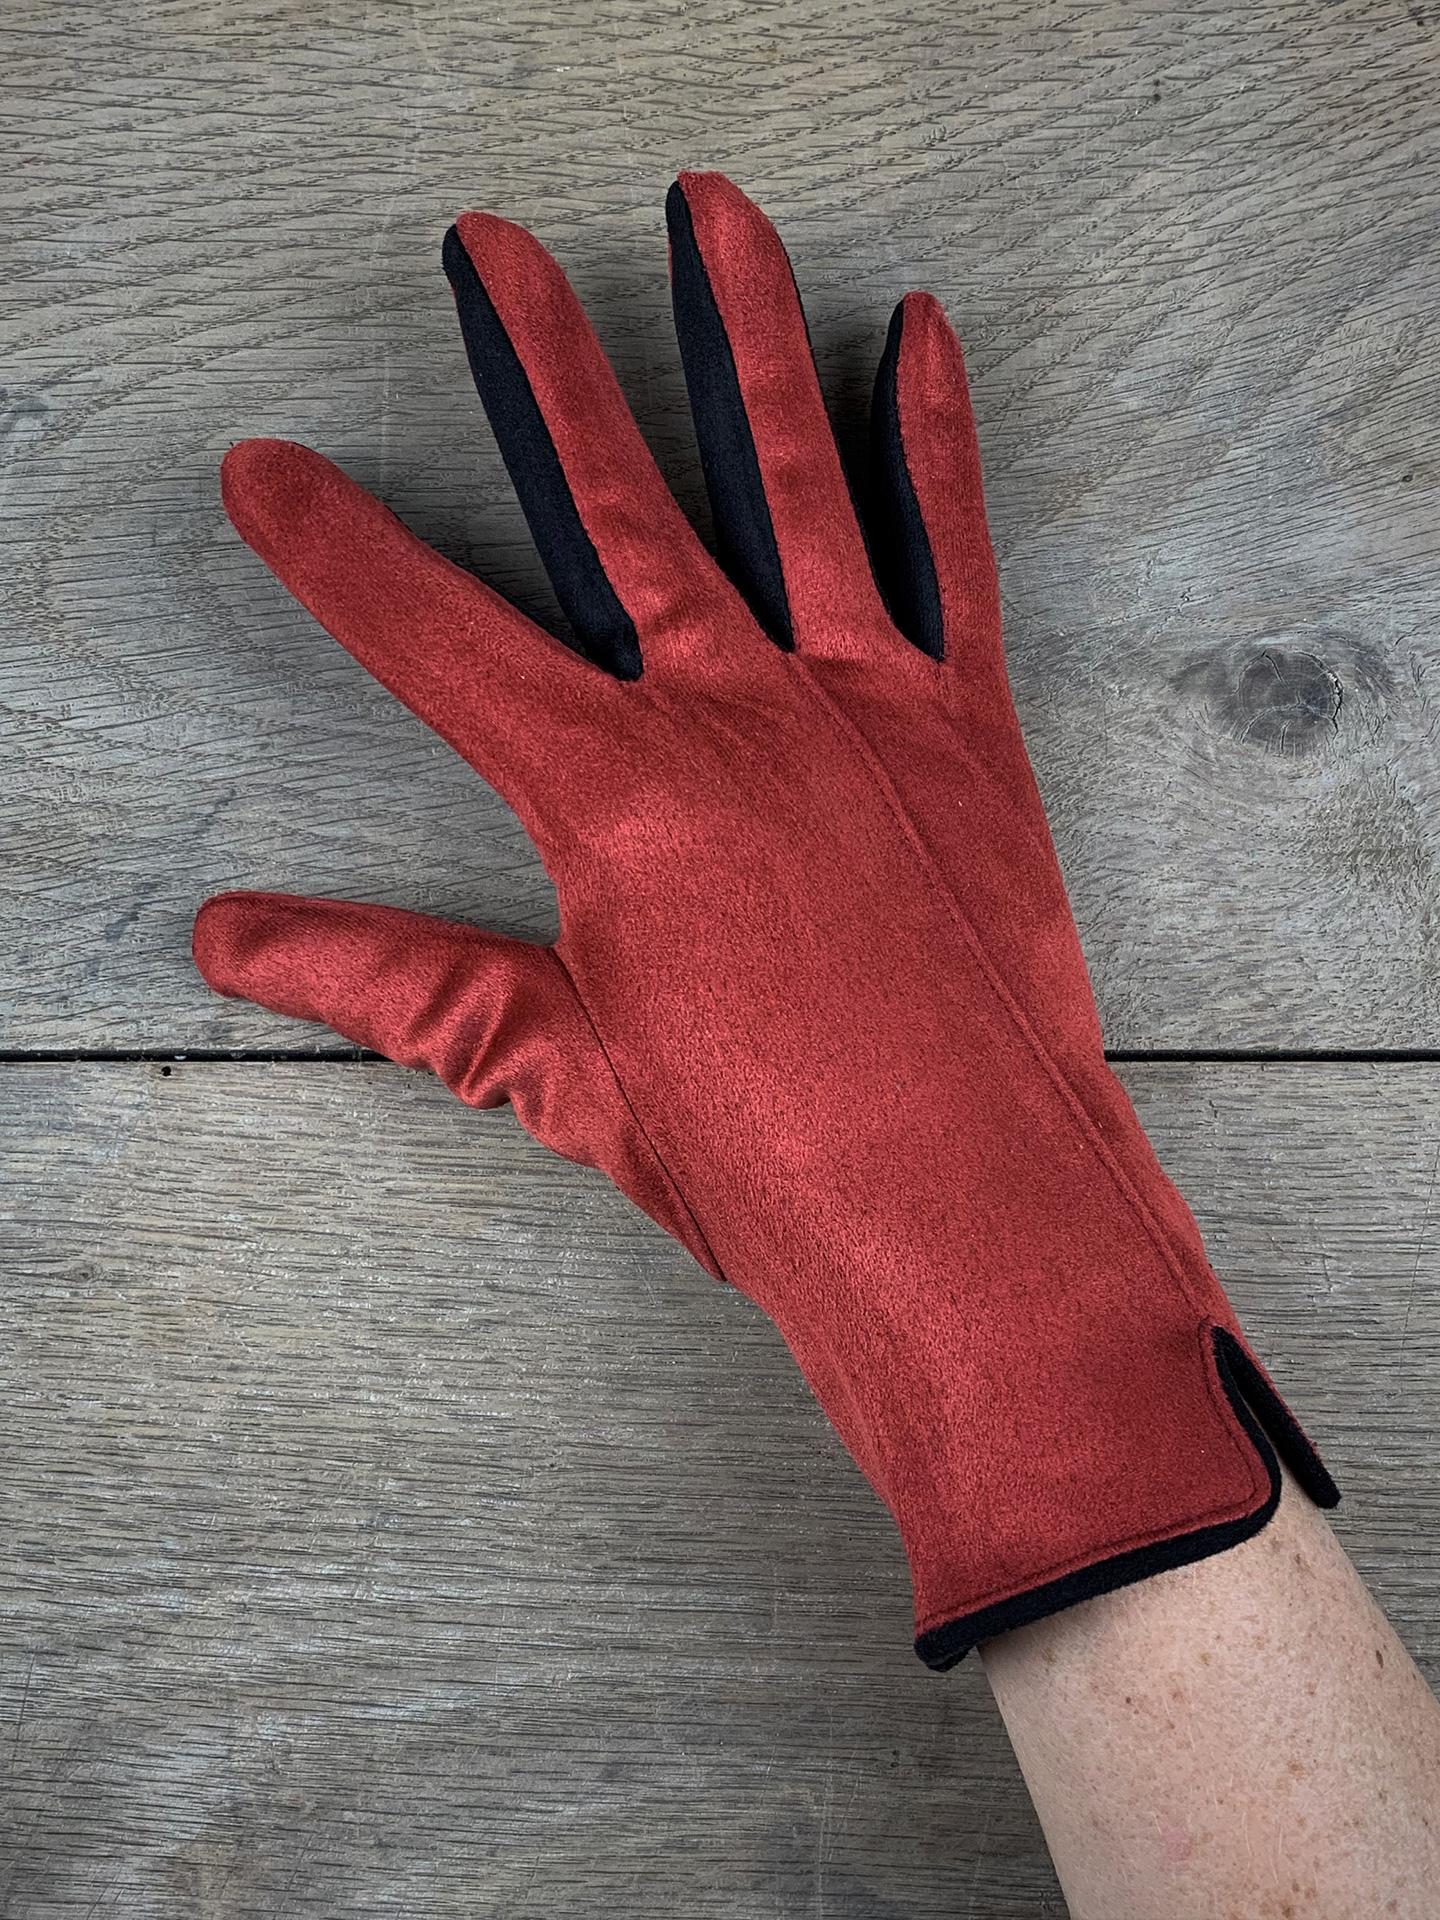 Damenhandschuhe zweifarbig rot/schwarz